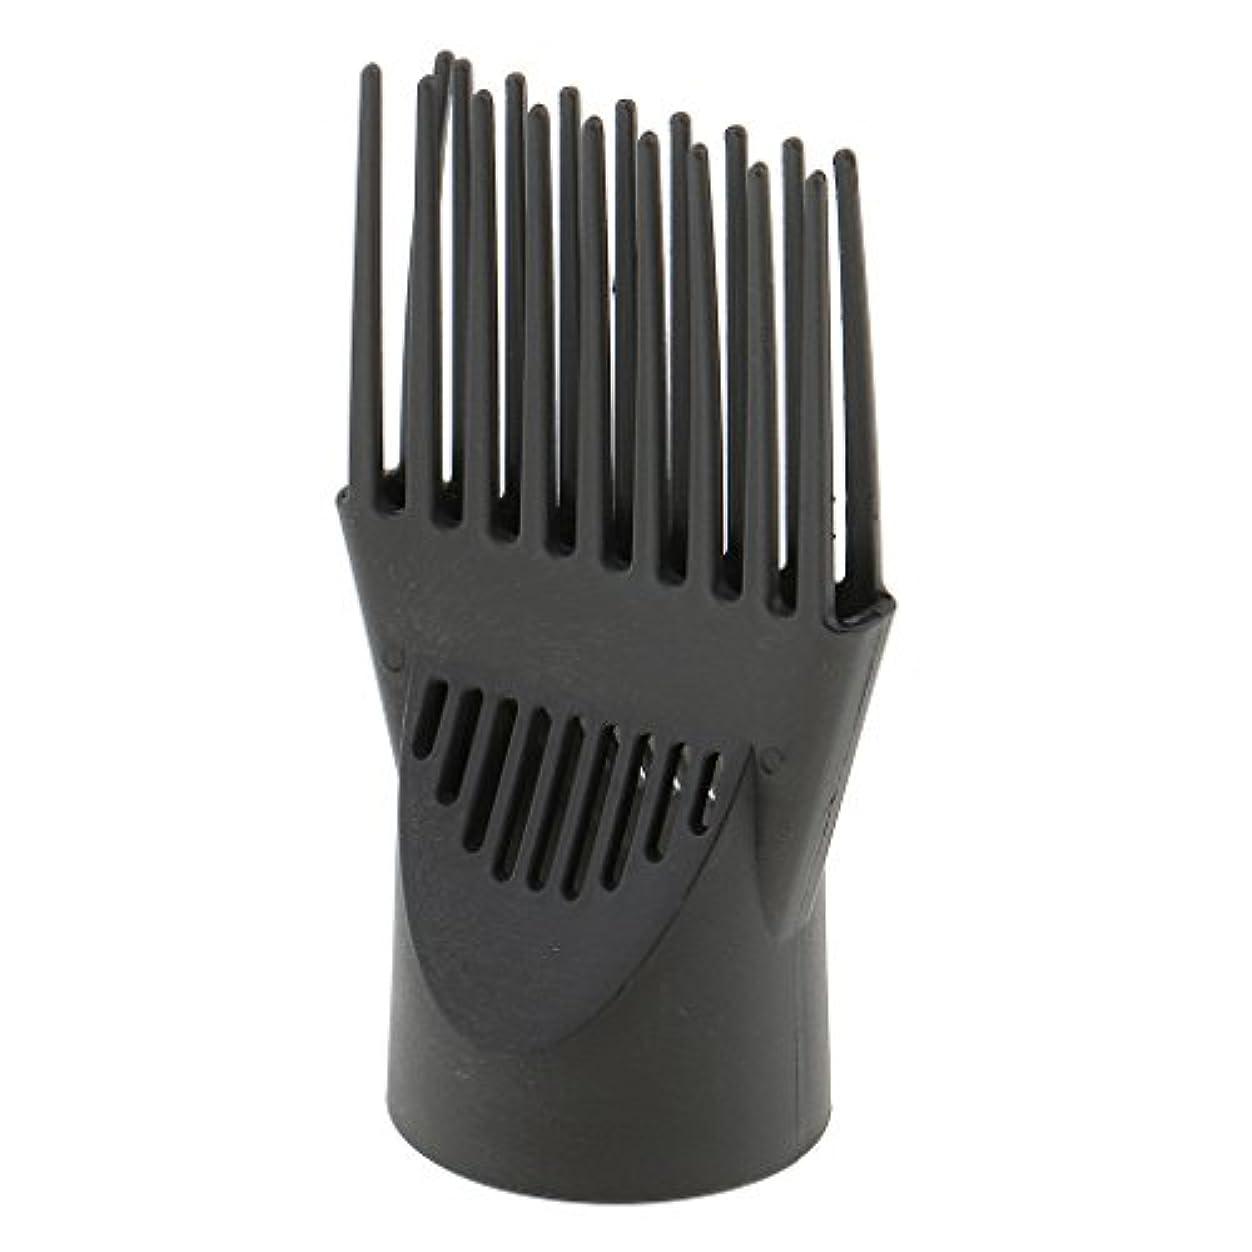 販売員環境に優しい間接的ヘアドライヤーディフューザー 風吹きカバー プラスチック デュアルグリップ ユニバーサル